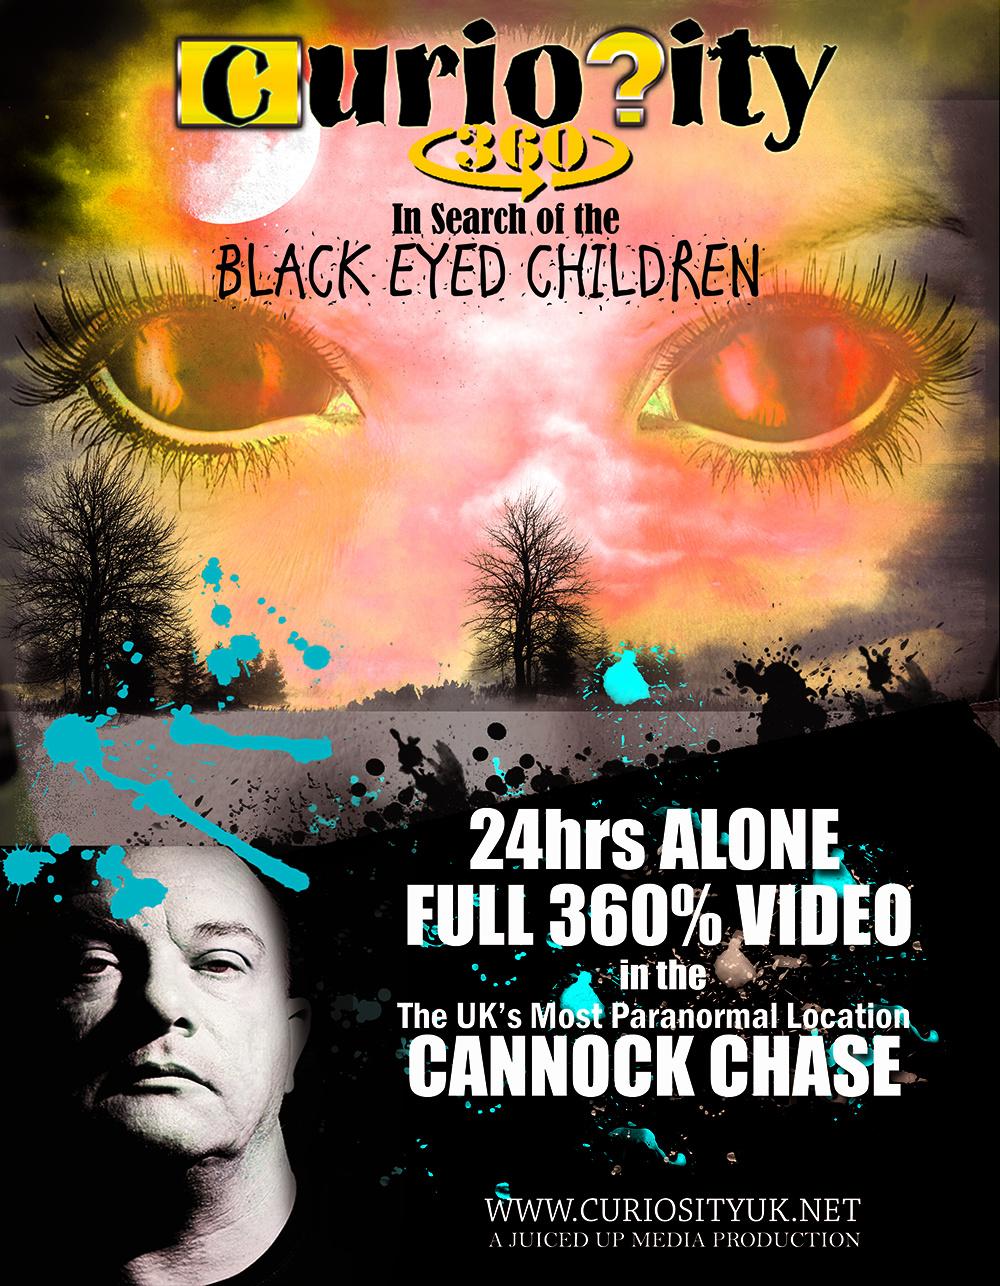 Curiosity - Cannock Chase 360